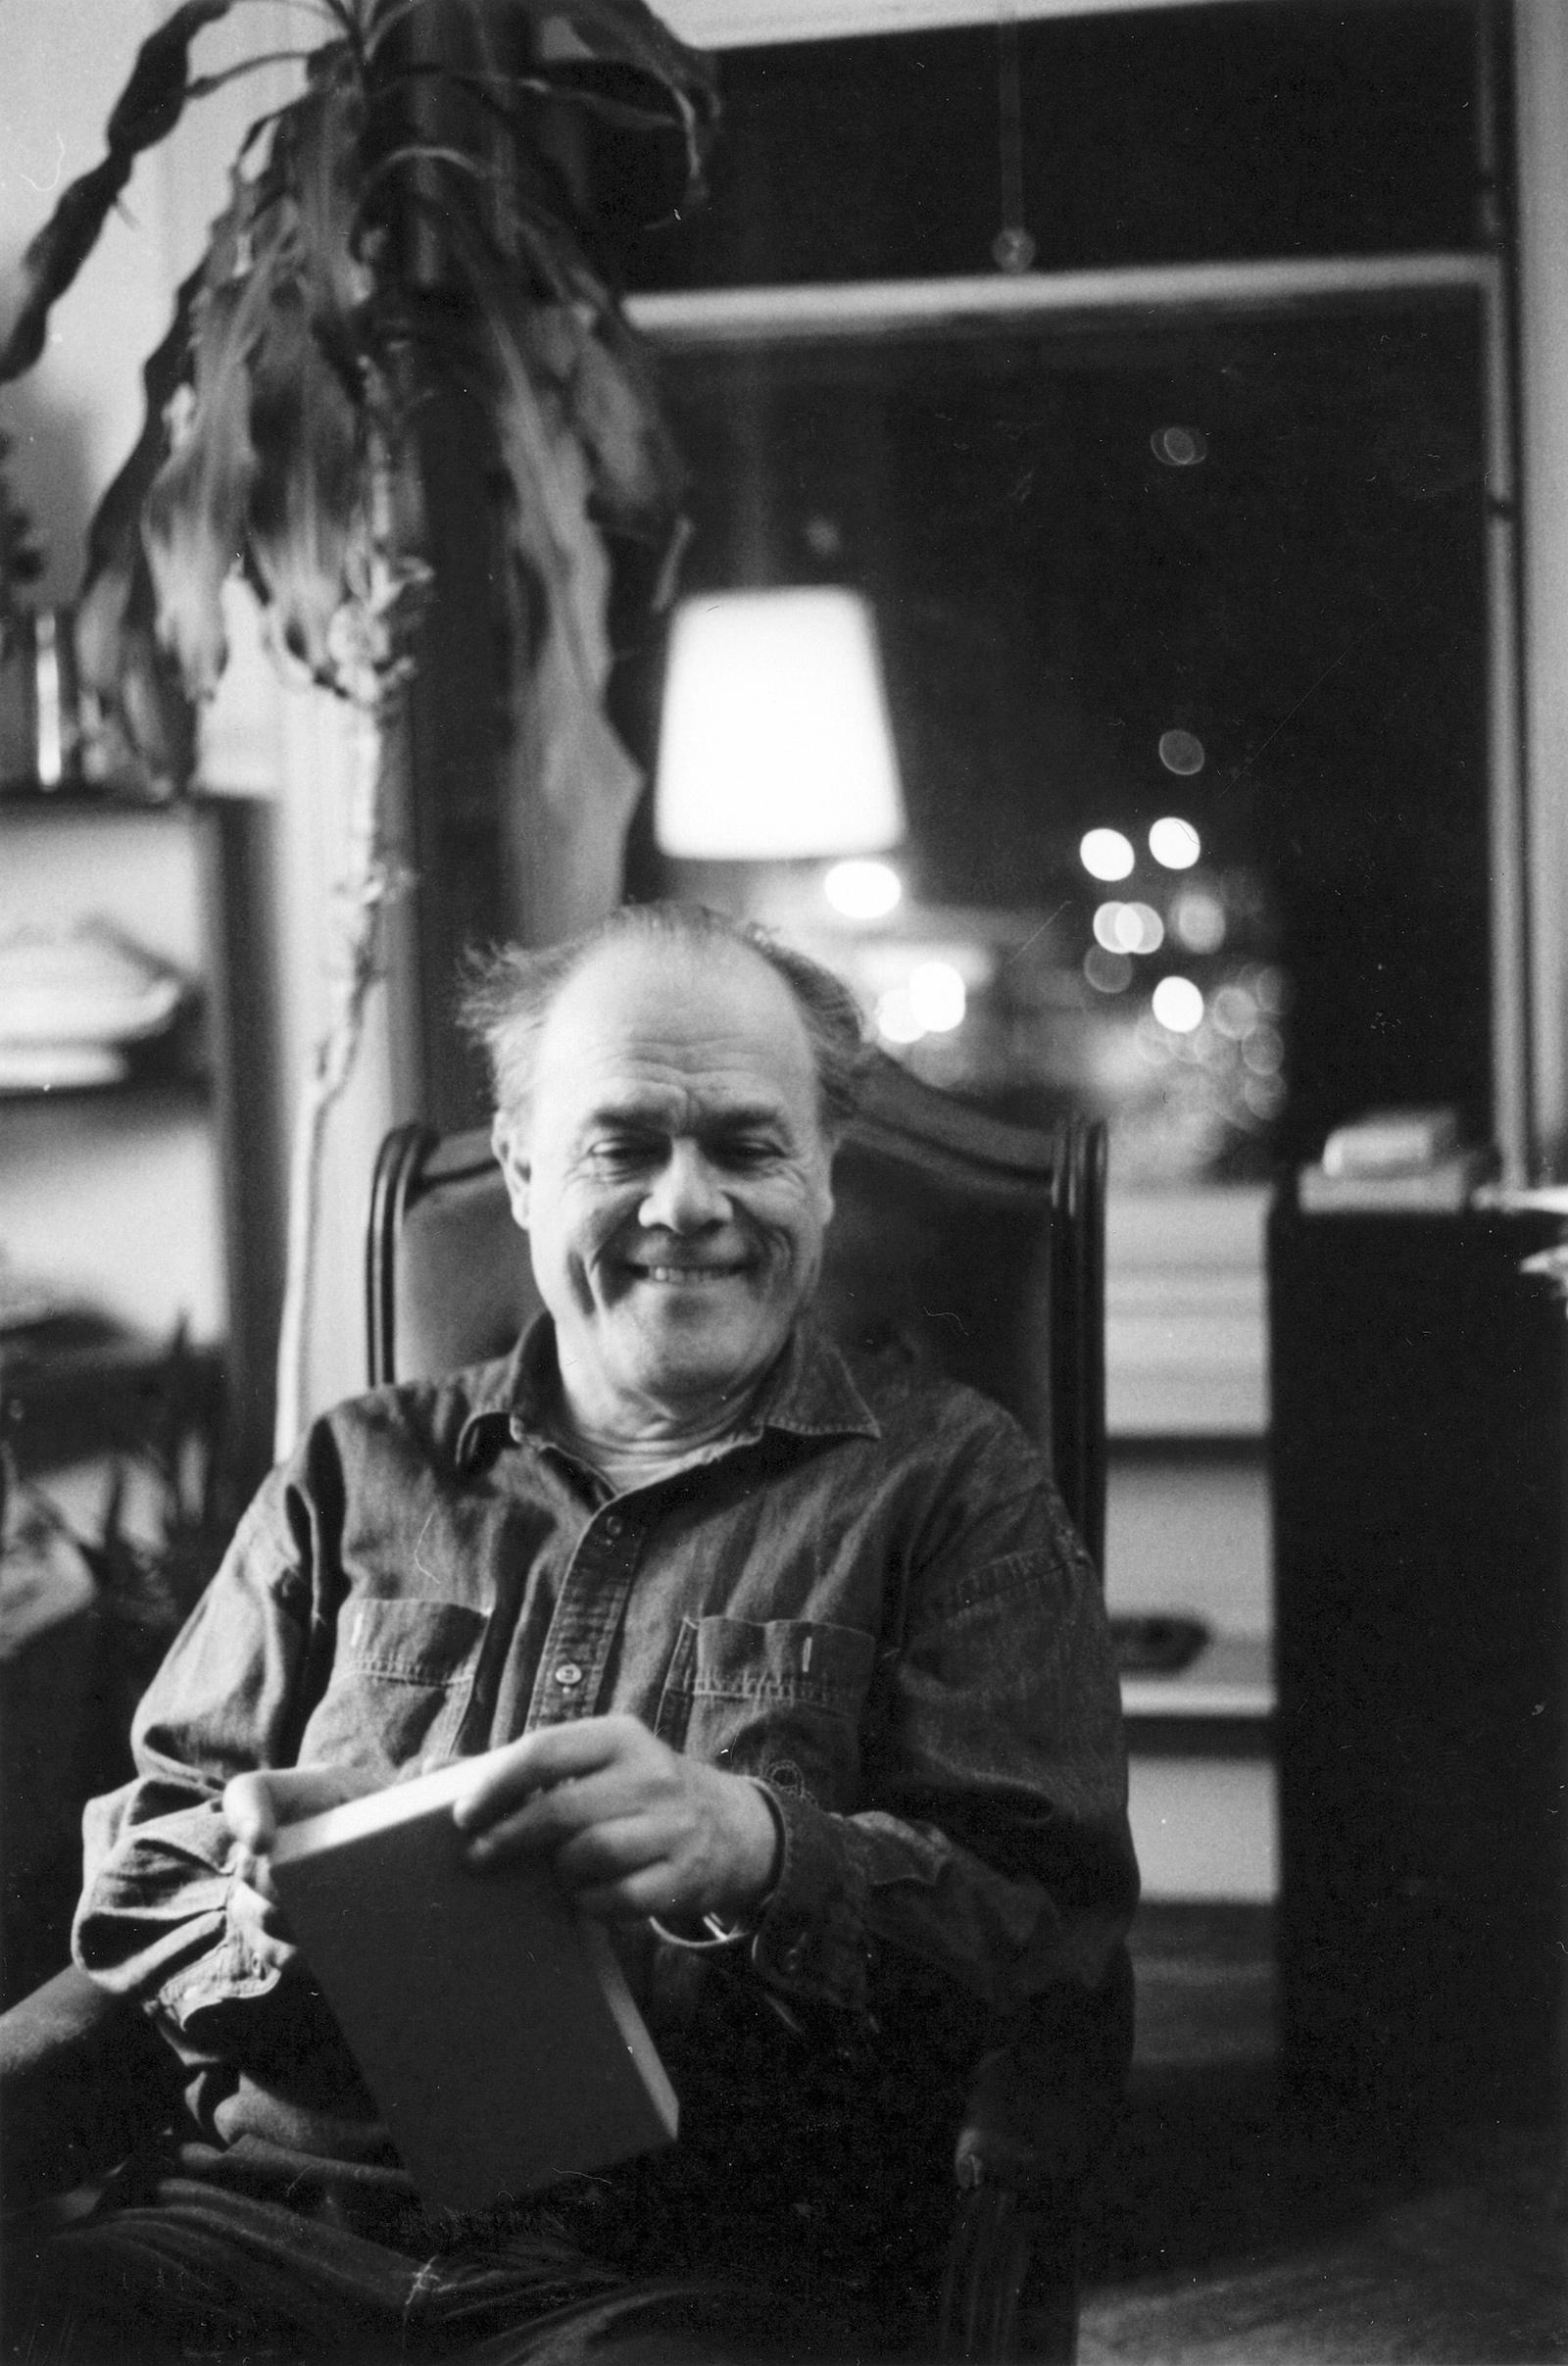 Charles Rosen, New York City, 1991